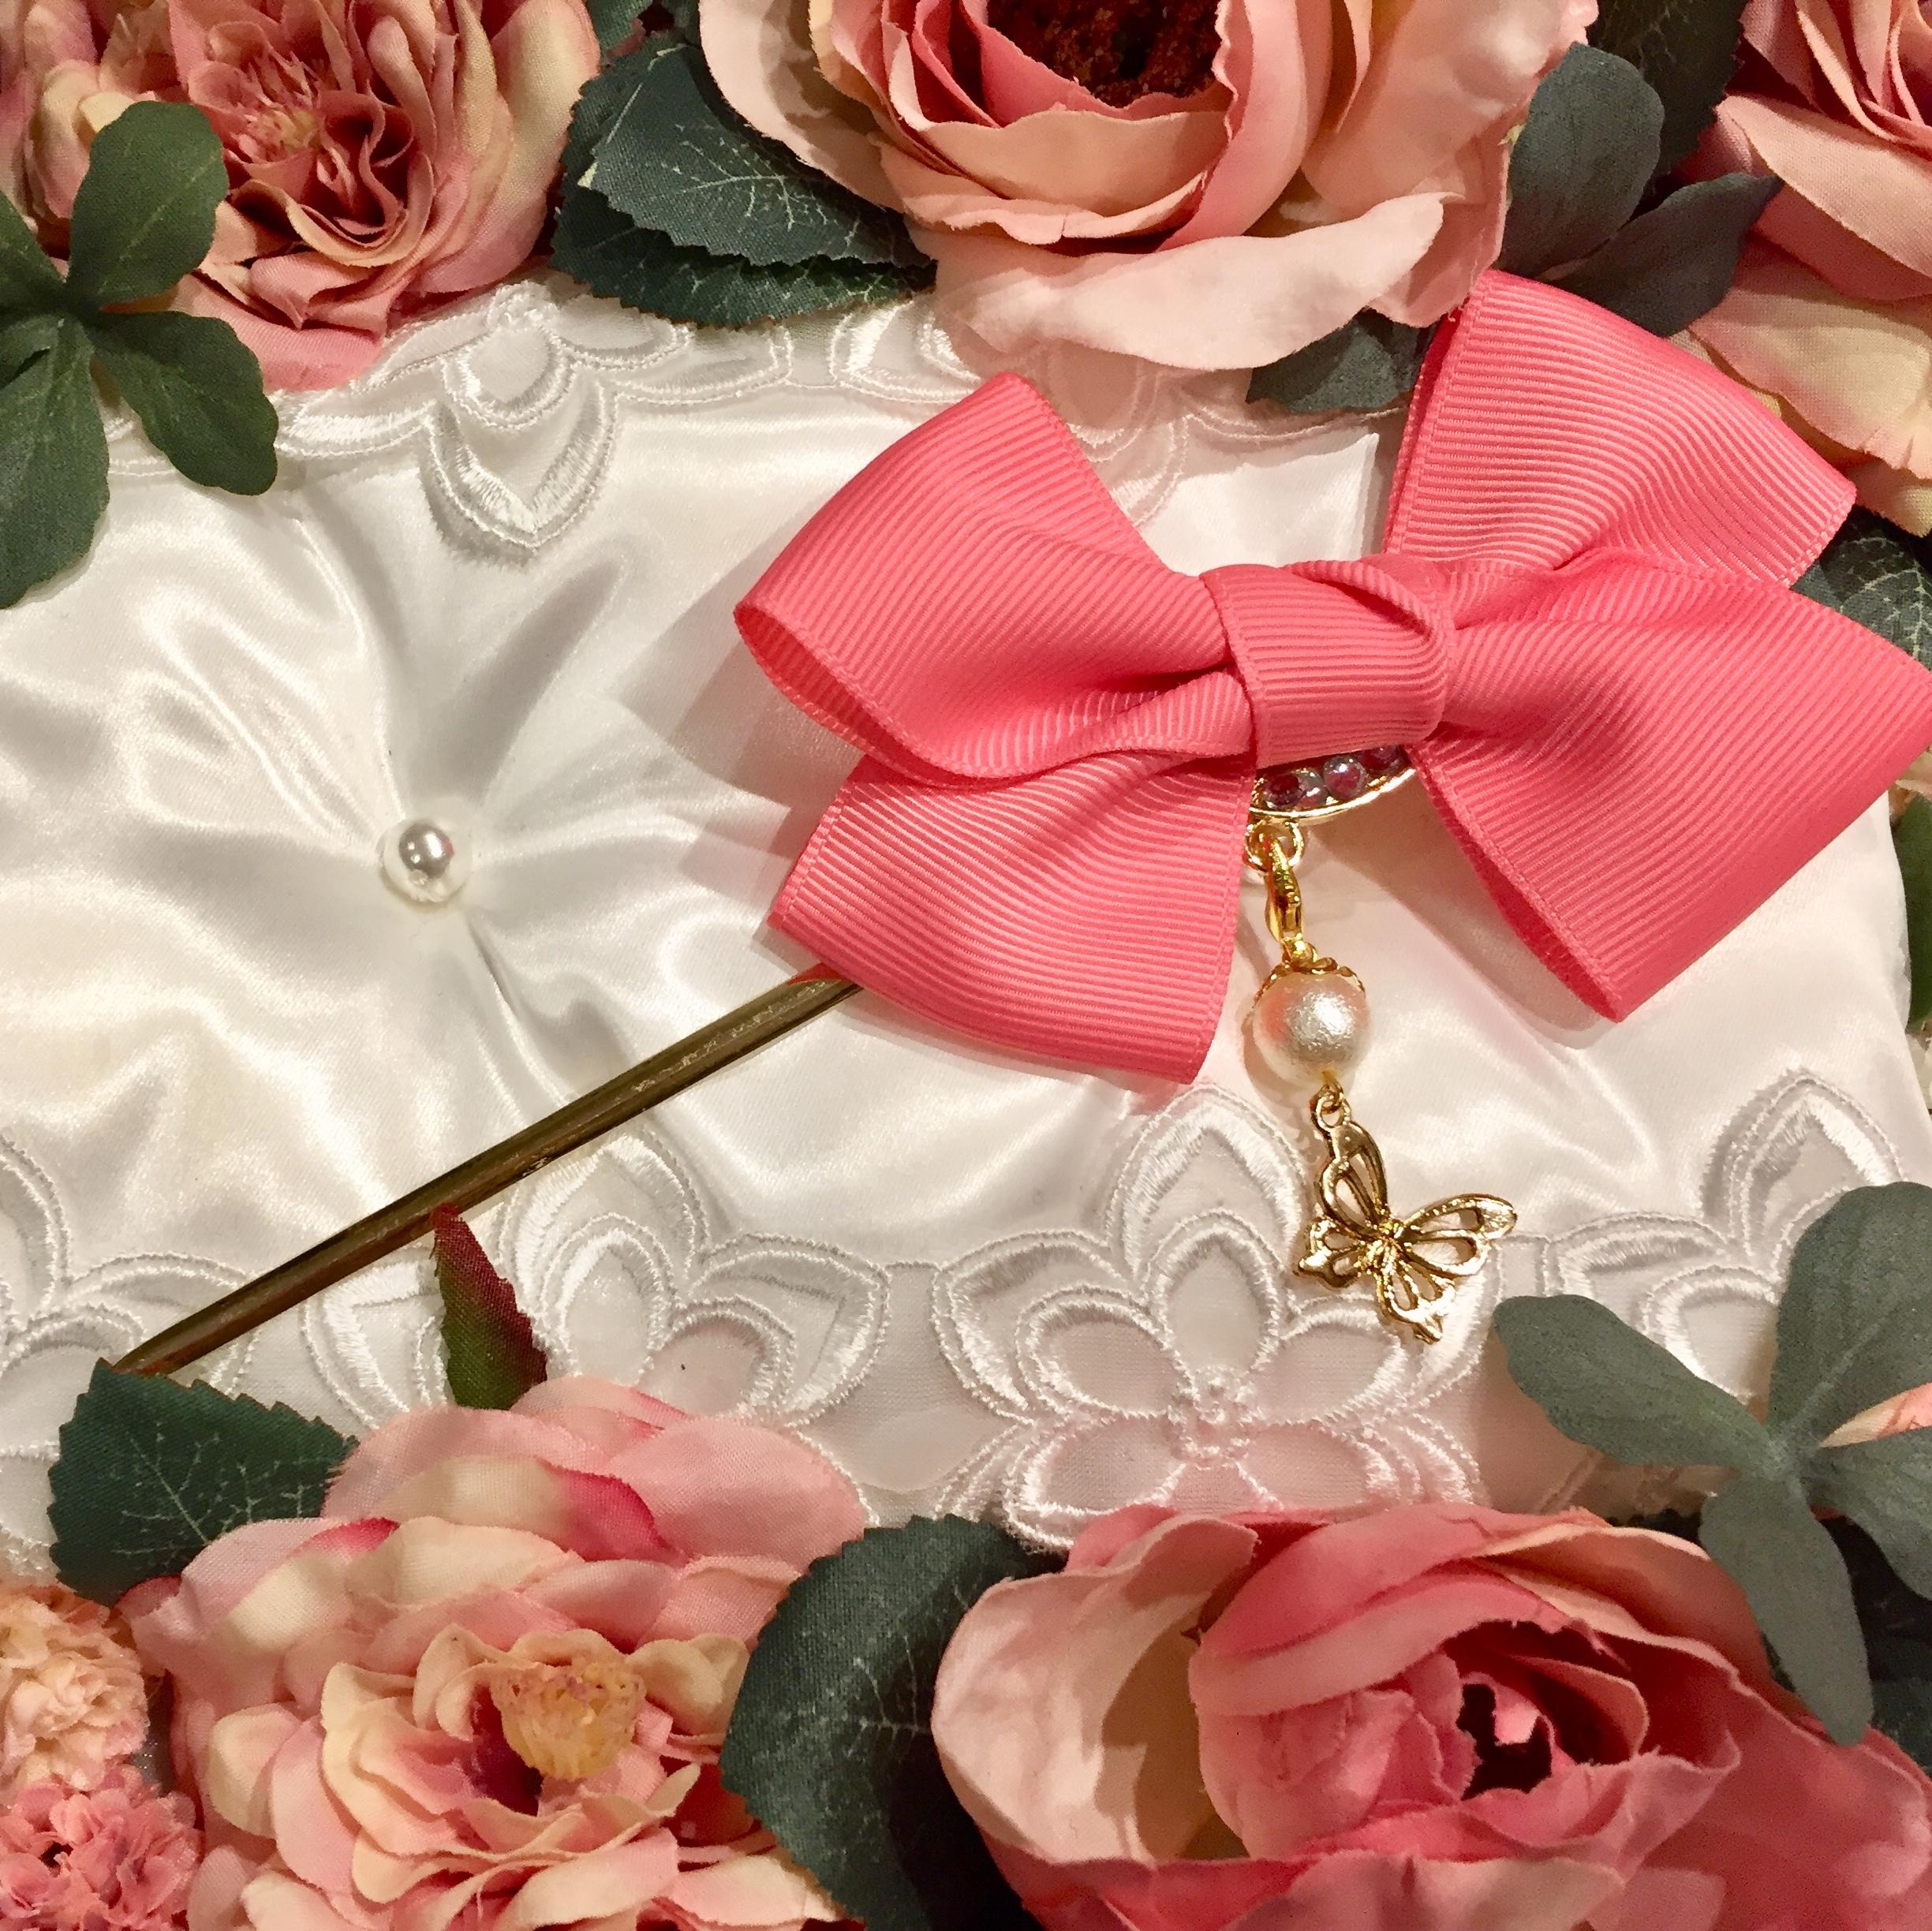 和装・洋装兼用❤️取り外せるチャームの2wayかんざし・ピンク